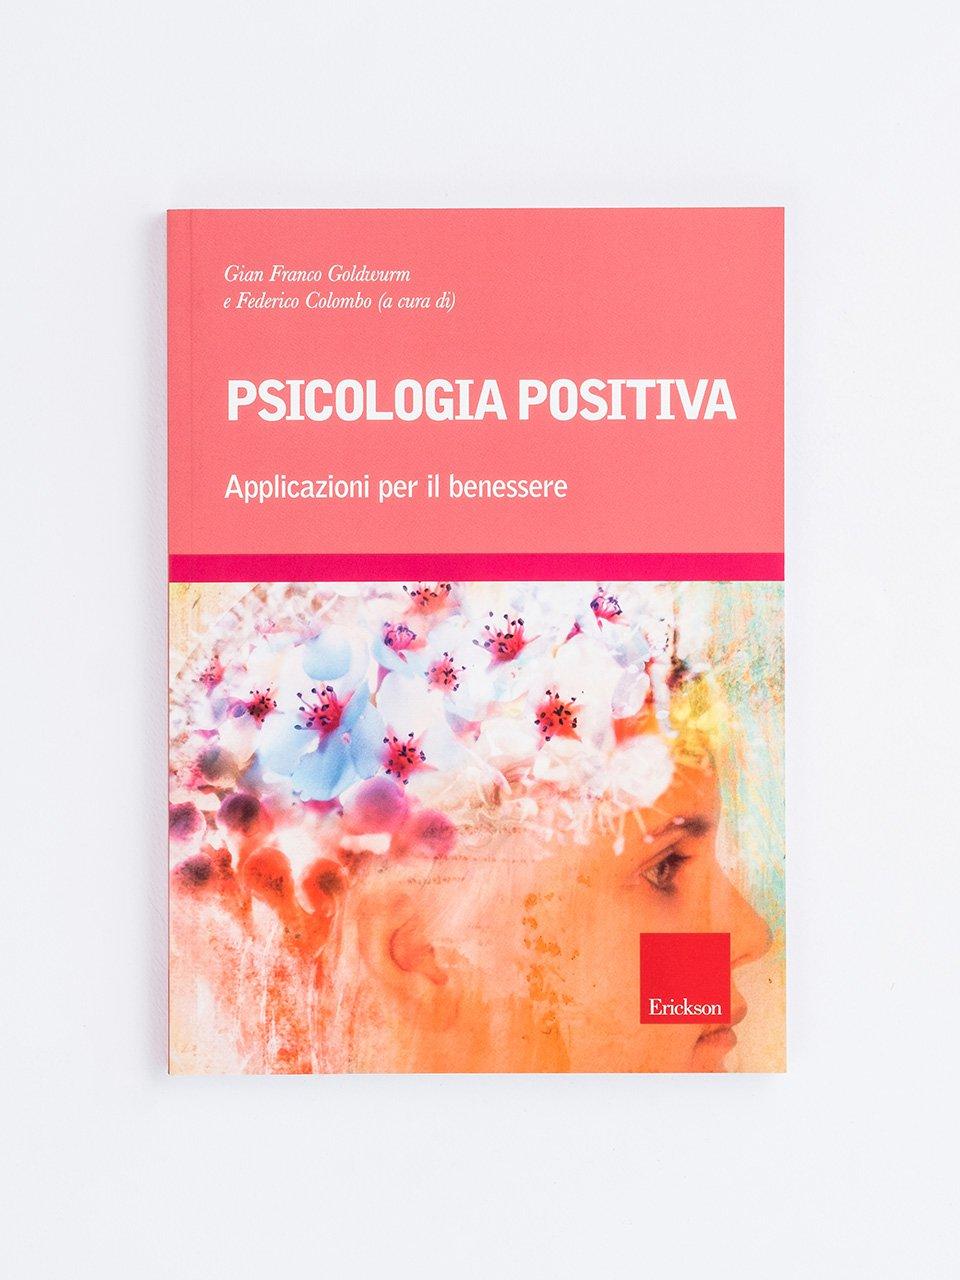 Psicologia positiva - Psicologia clinica / Psicoterapia - Erickson